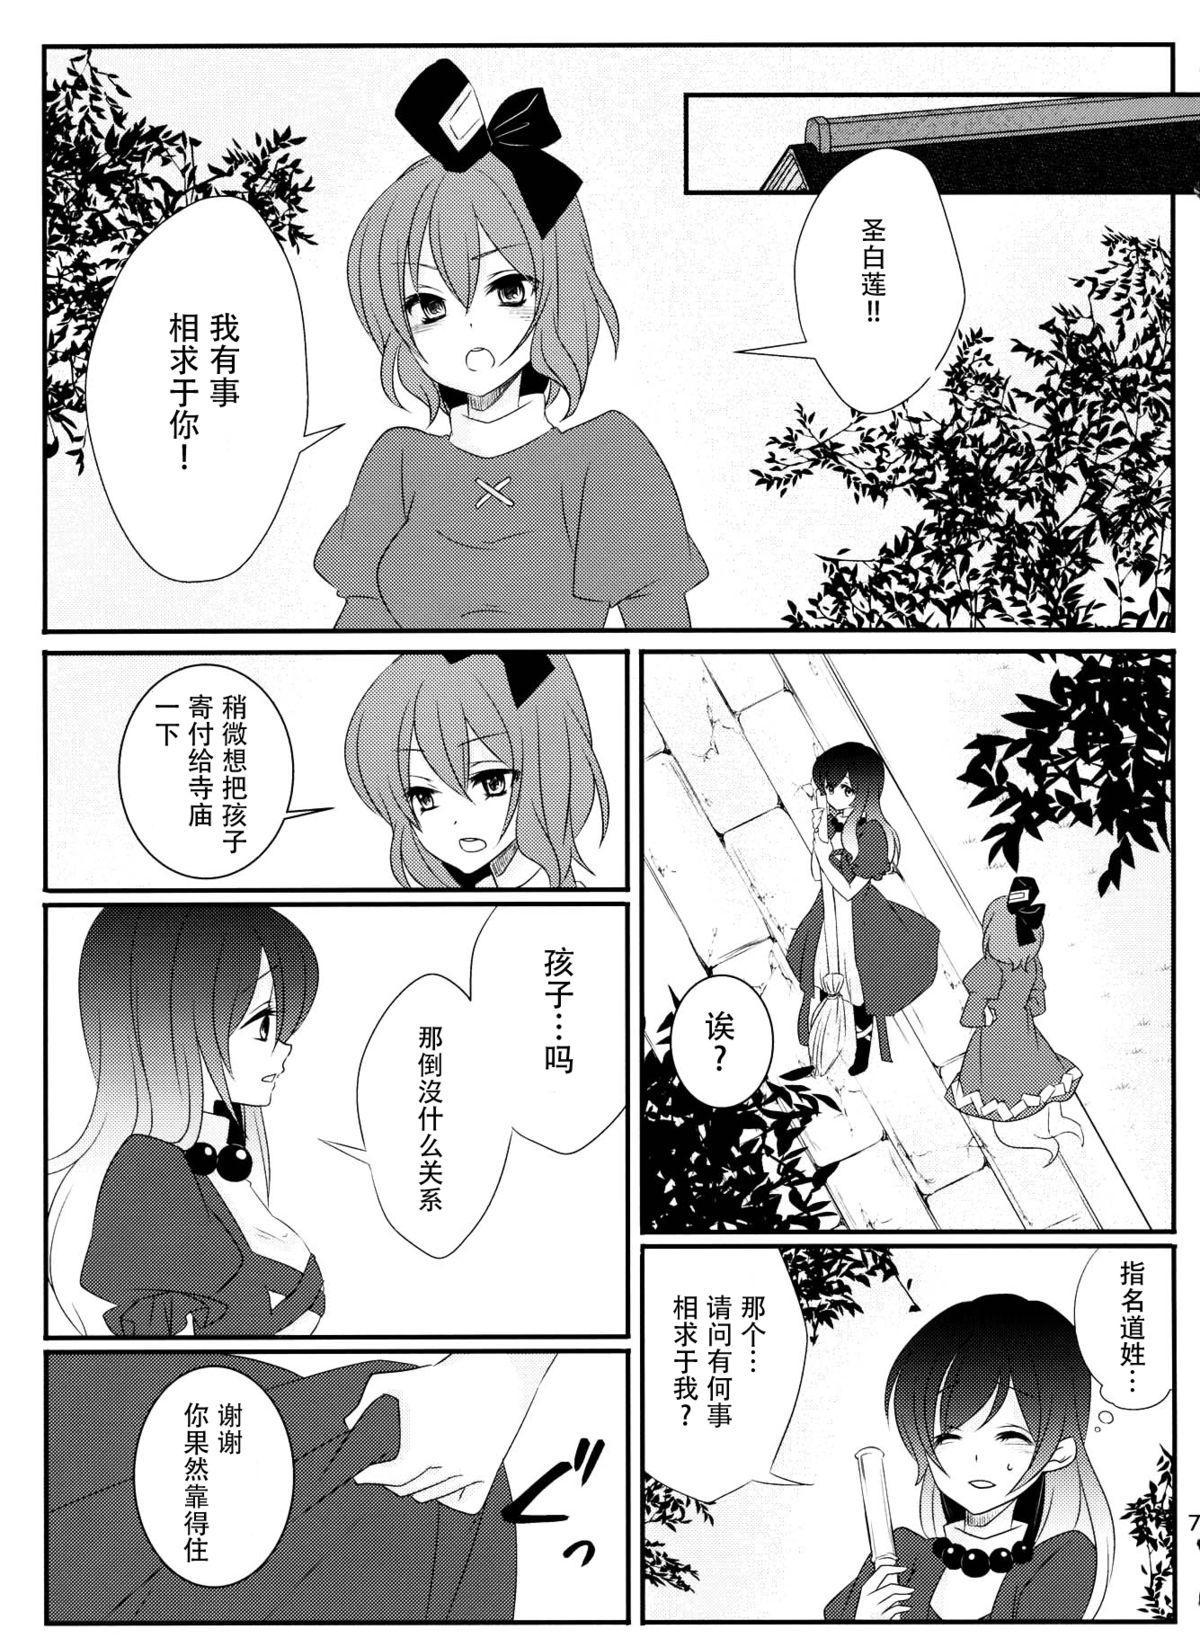 Hijiri-mama ni Onegai 8